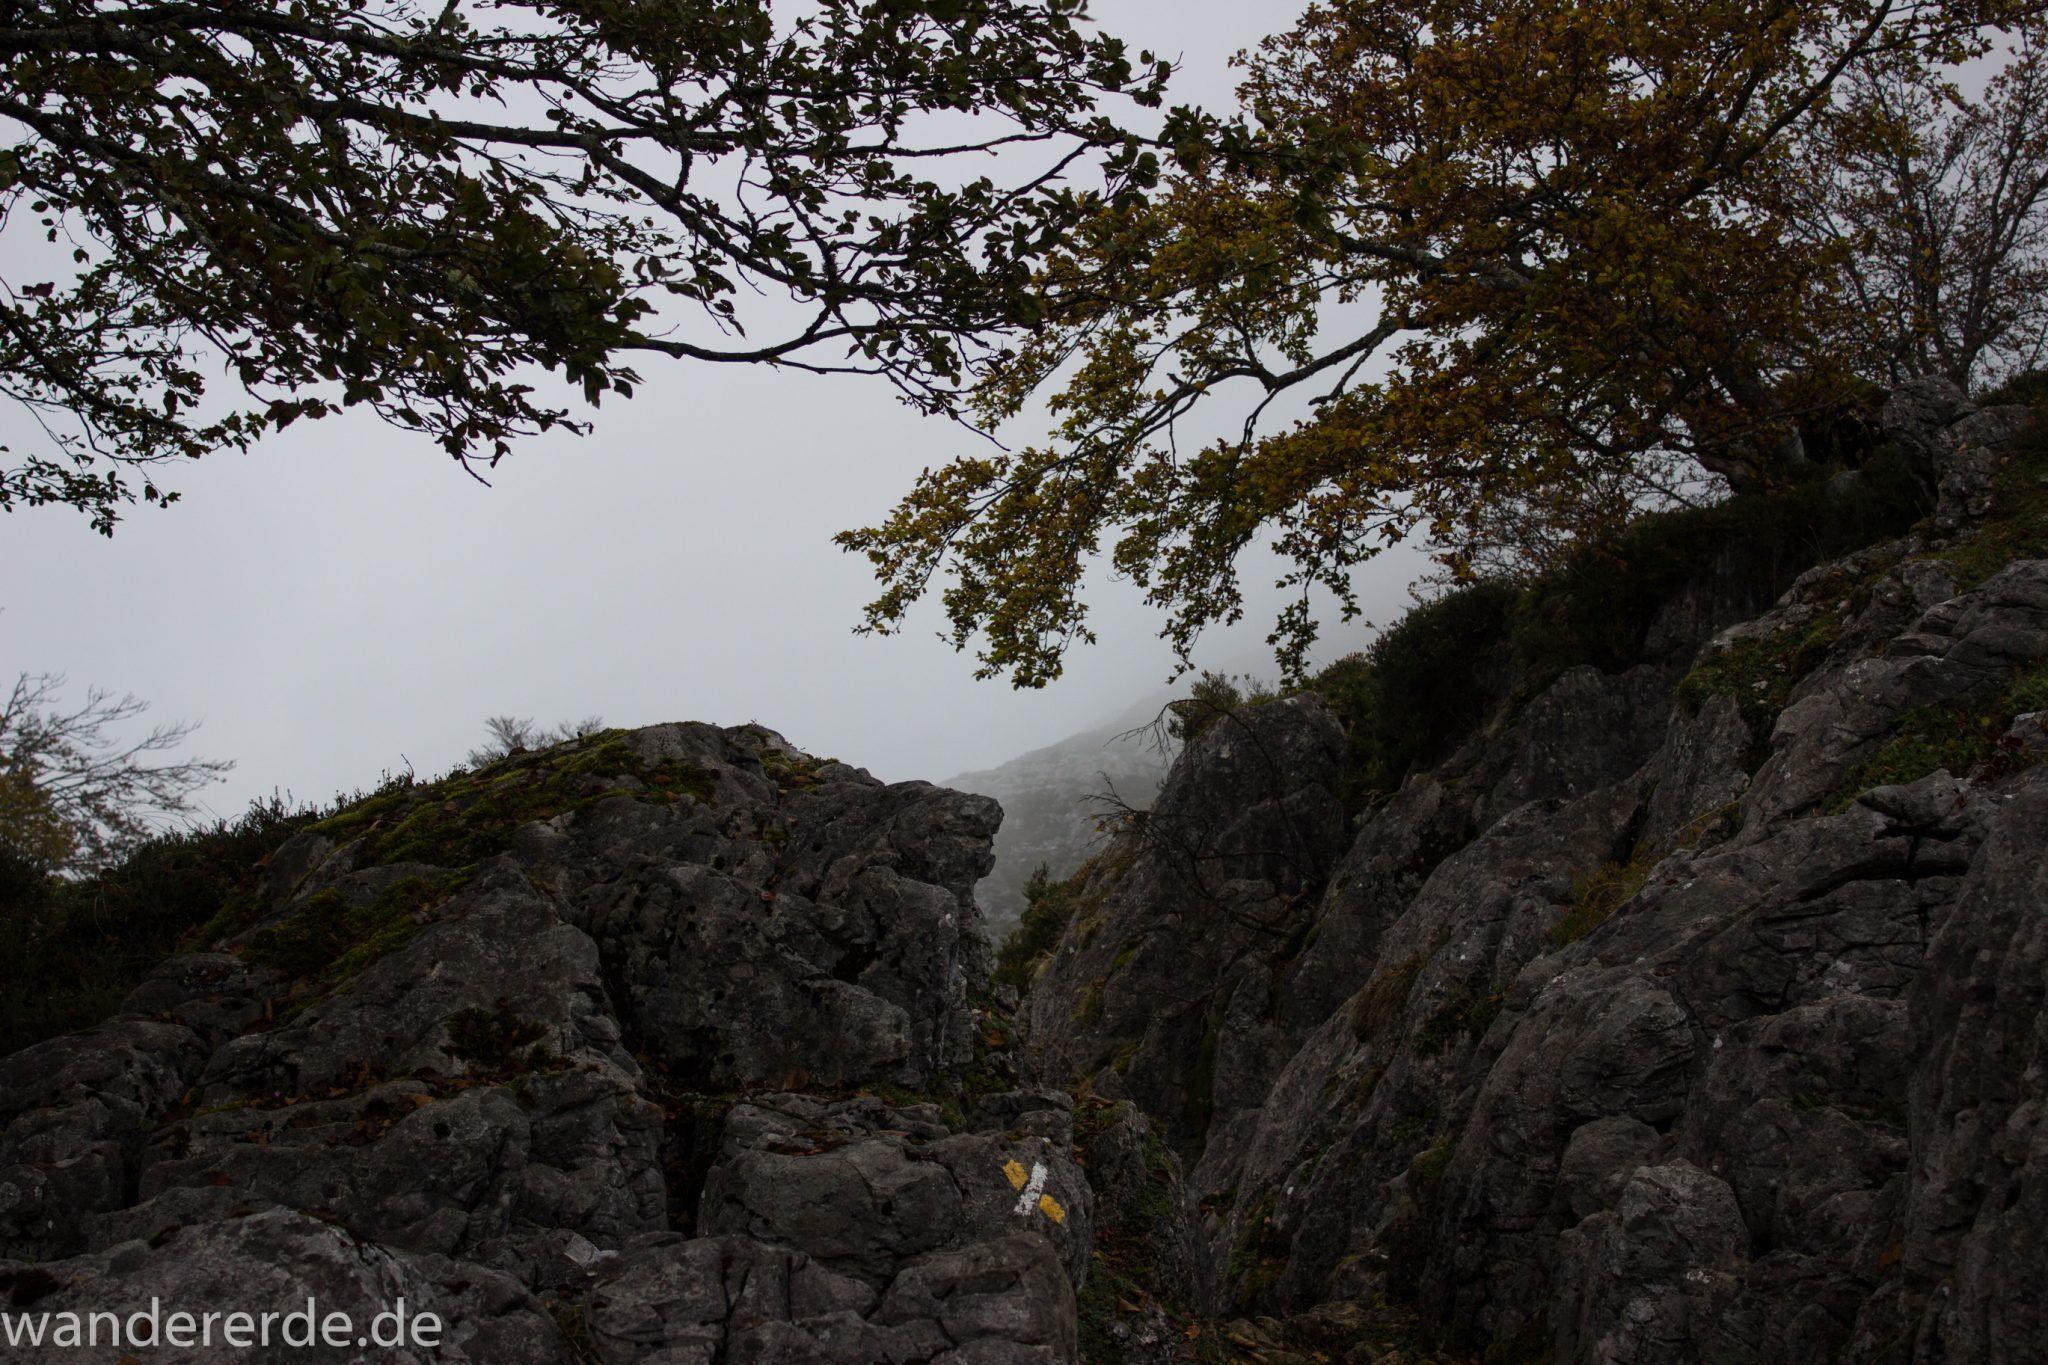 Wanderung Vega de Ario Picos de Europa Spanien, Bäume in Bergregion, Steine, dichte Wolkenfelder, zerklüftete Felsen, keine weite Aussicht, grüne Wiese, schmaler Wanderpfad, Wegmarkierung für falsche Richtung